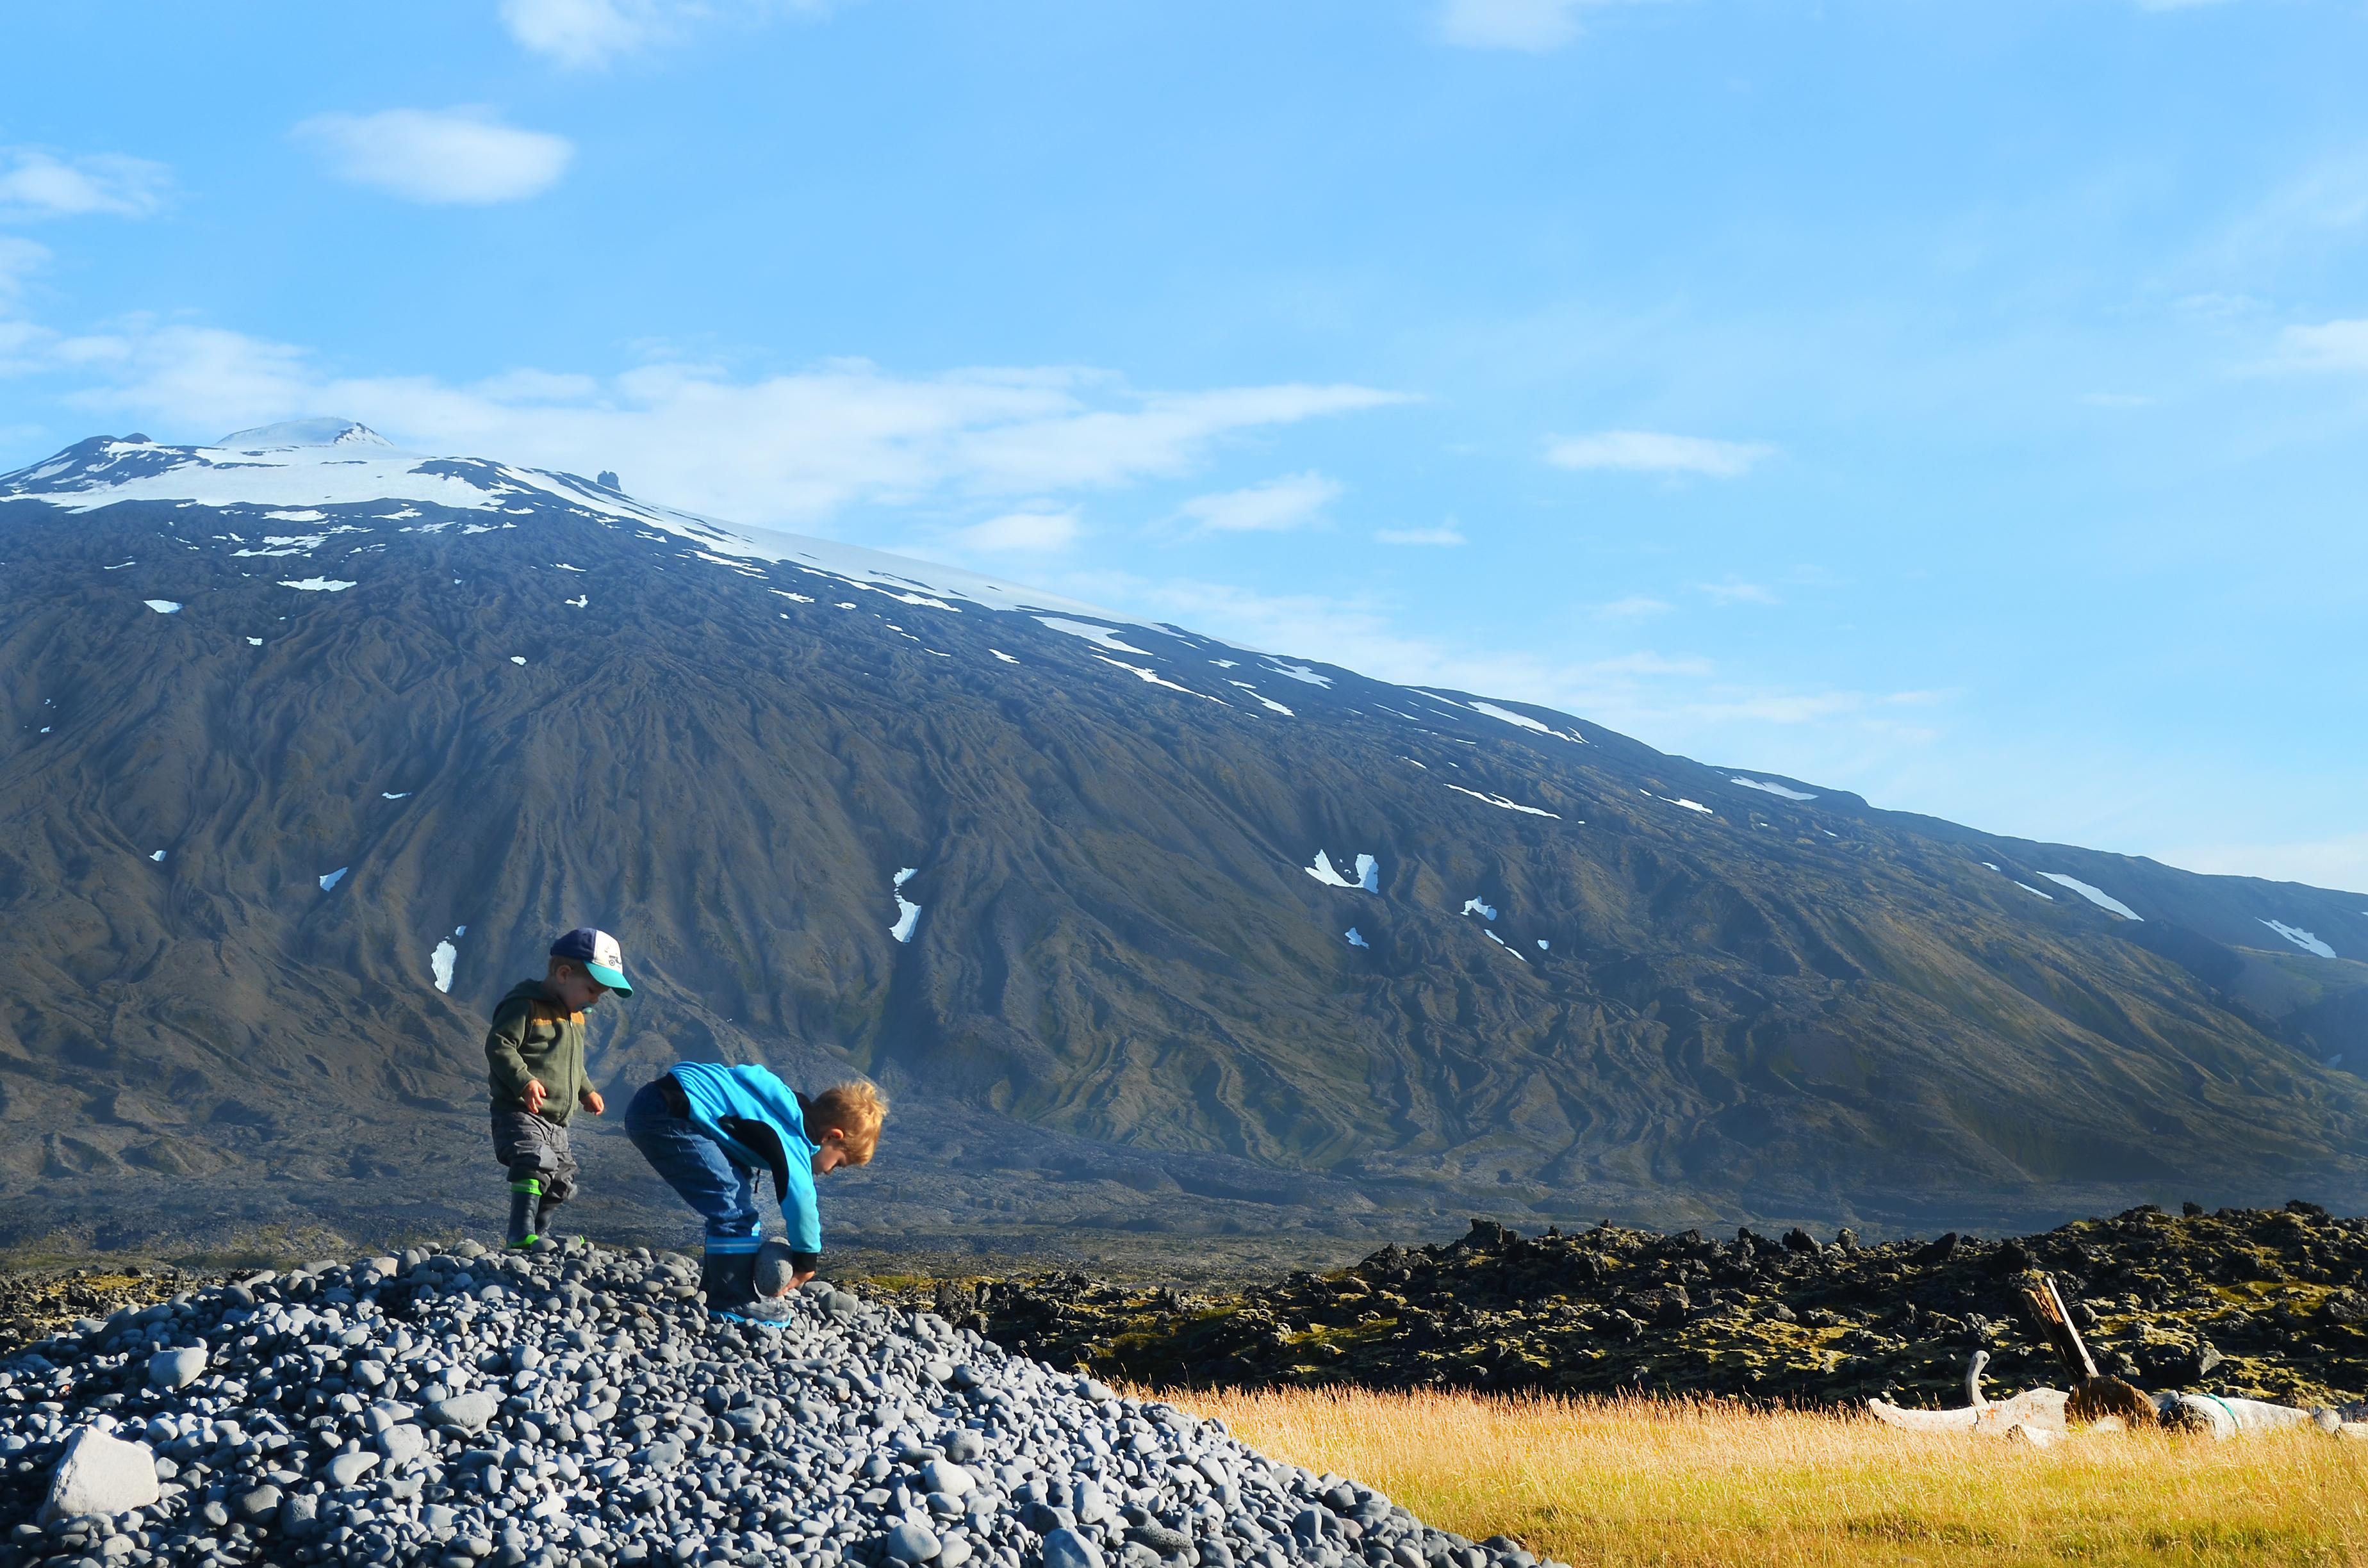 Kinder spielen auf einem Steinhaufen vor den Füßen des Gletscher Snaefellsjökull